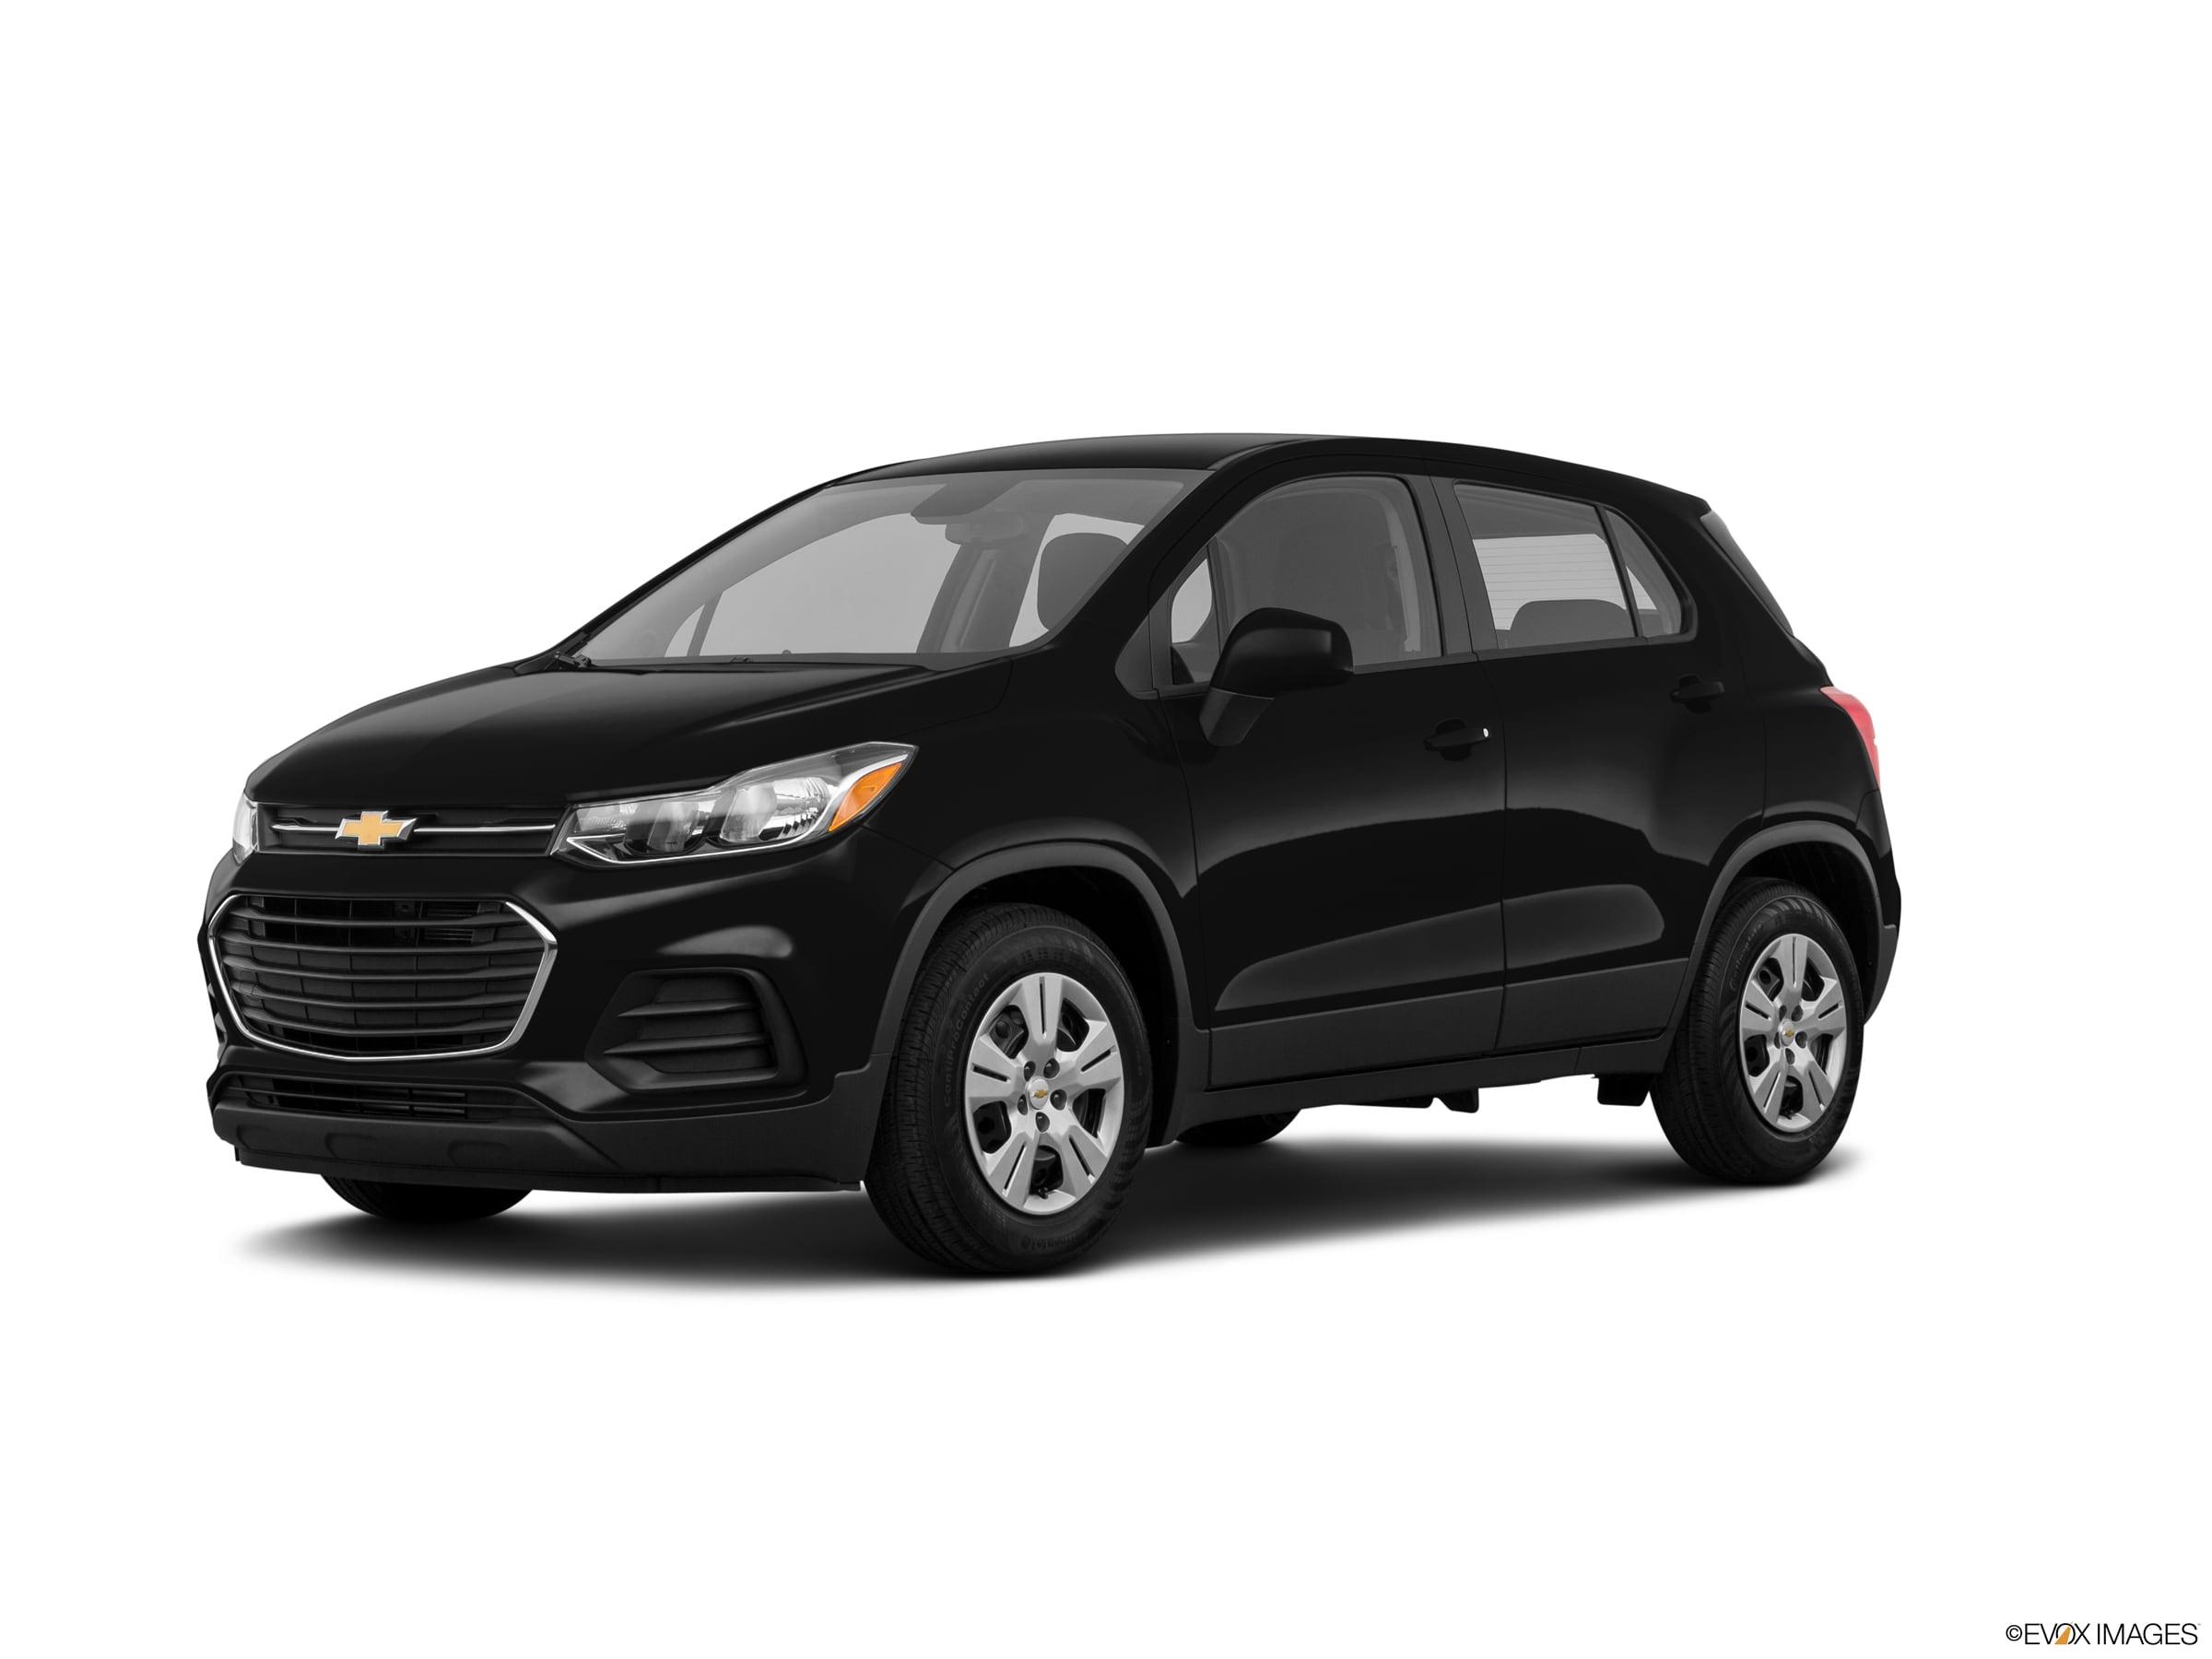 2019 Chevrolet Trax SUV